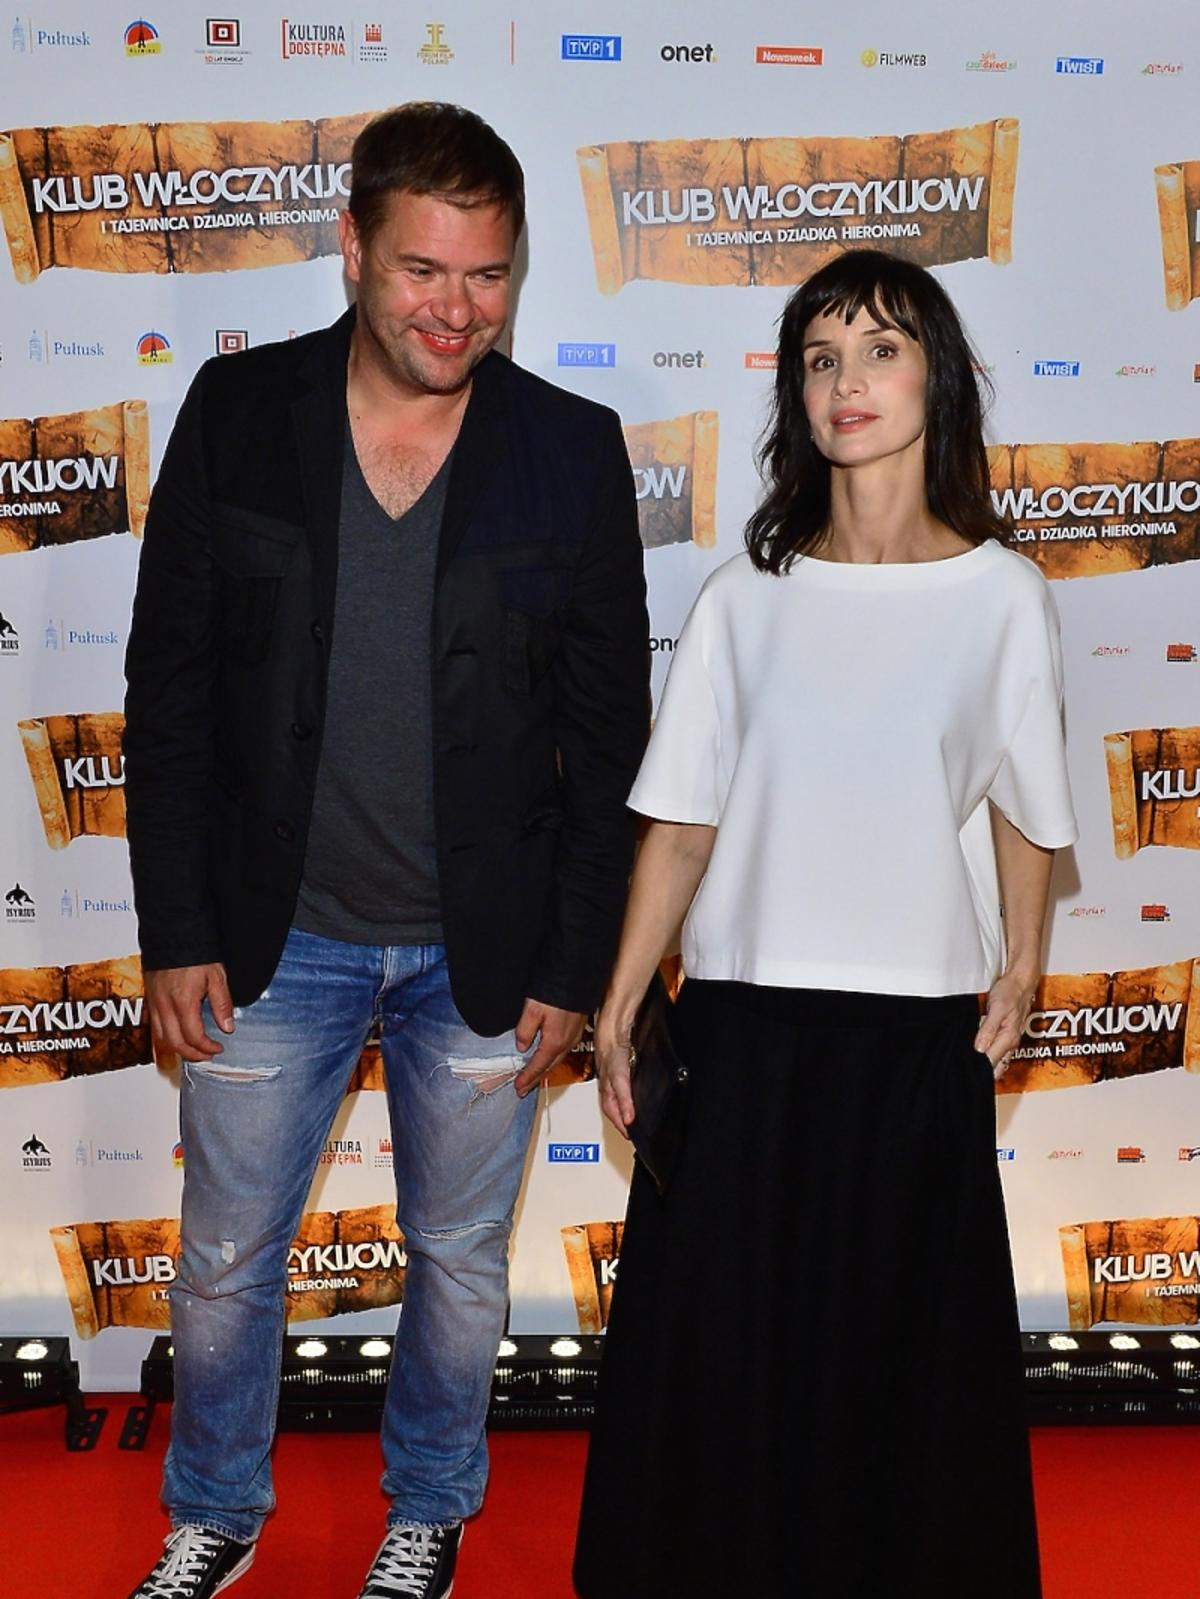 Tomasz Karola i Viola Kołakowska na premierze filmu Klub Włóczykijów